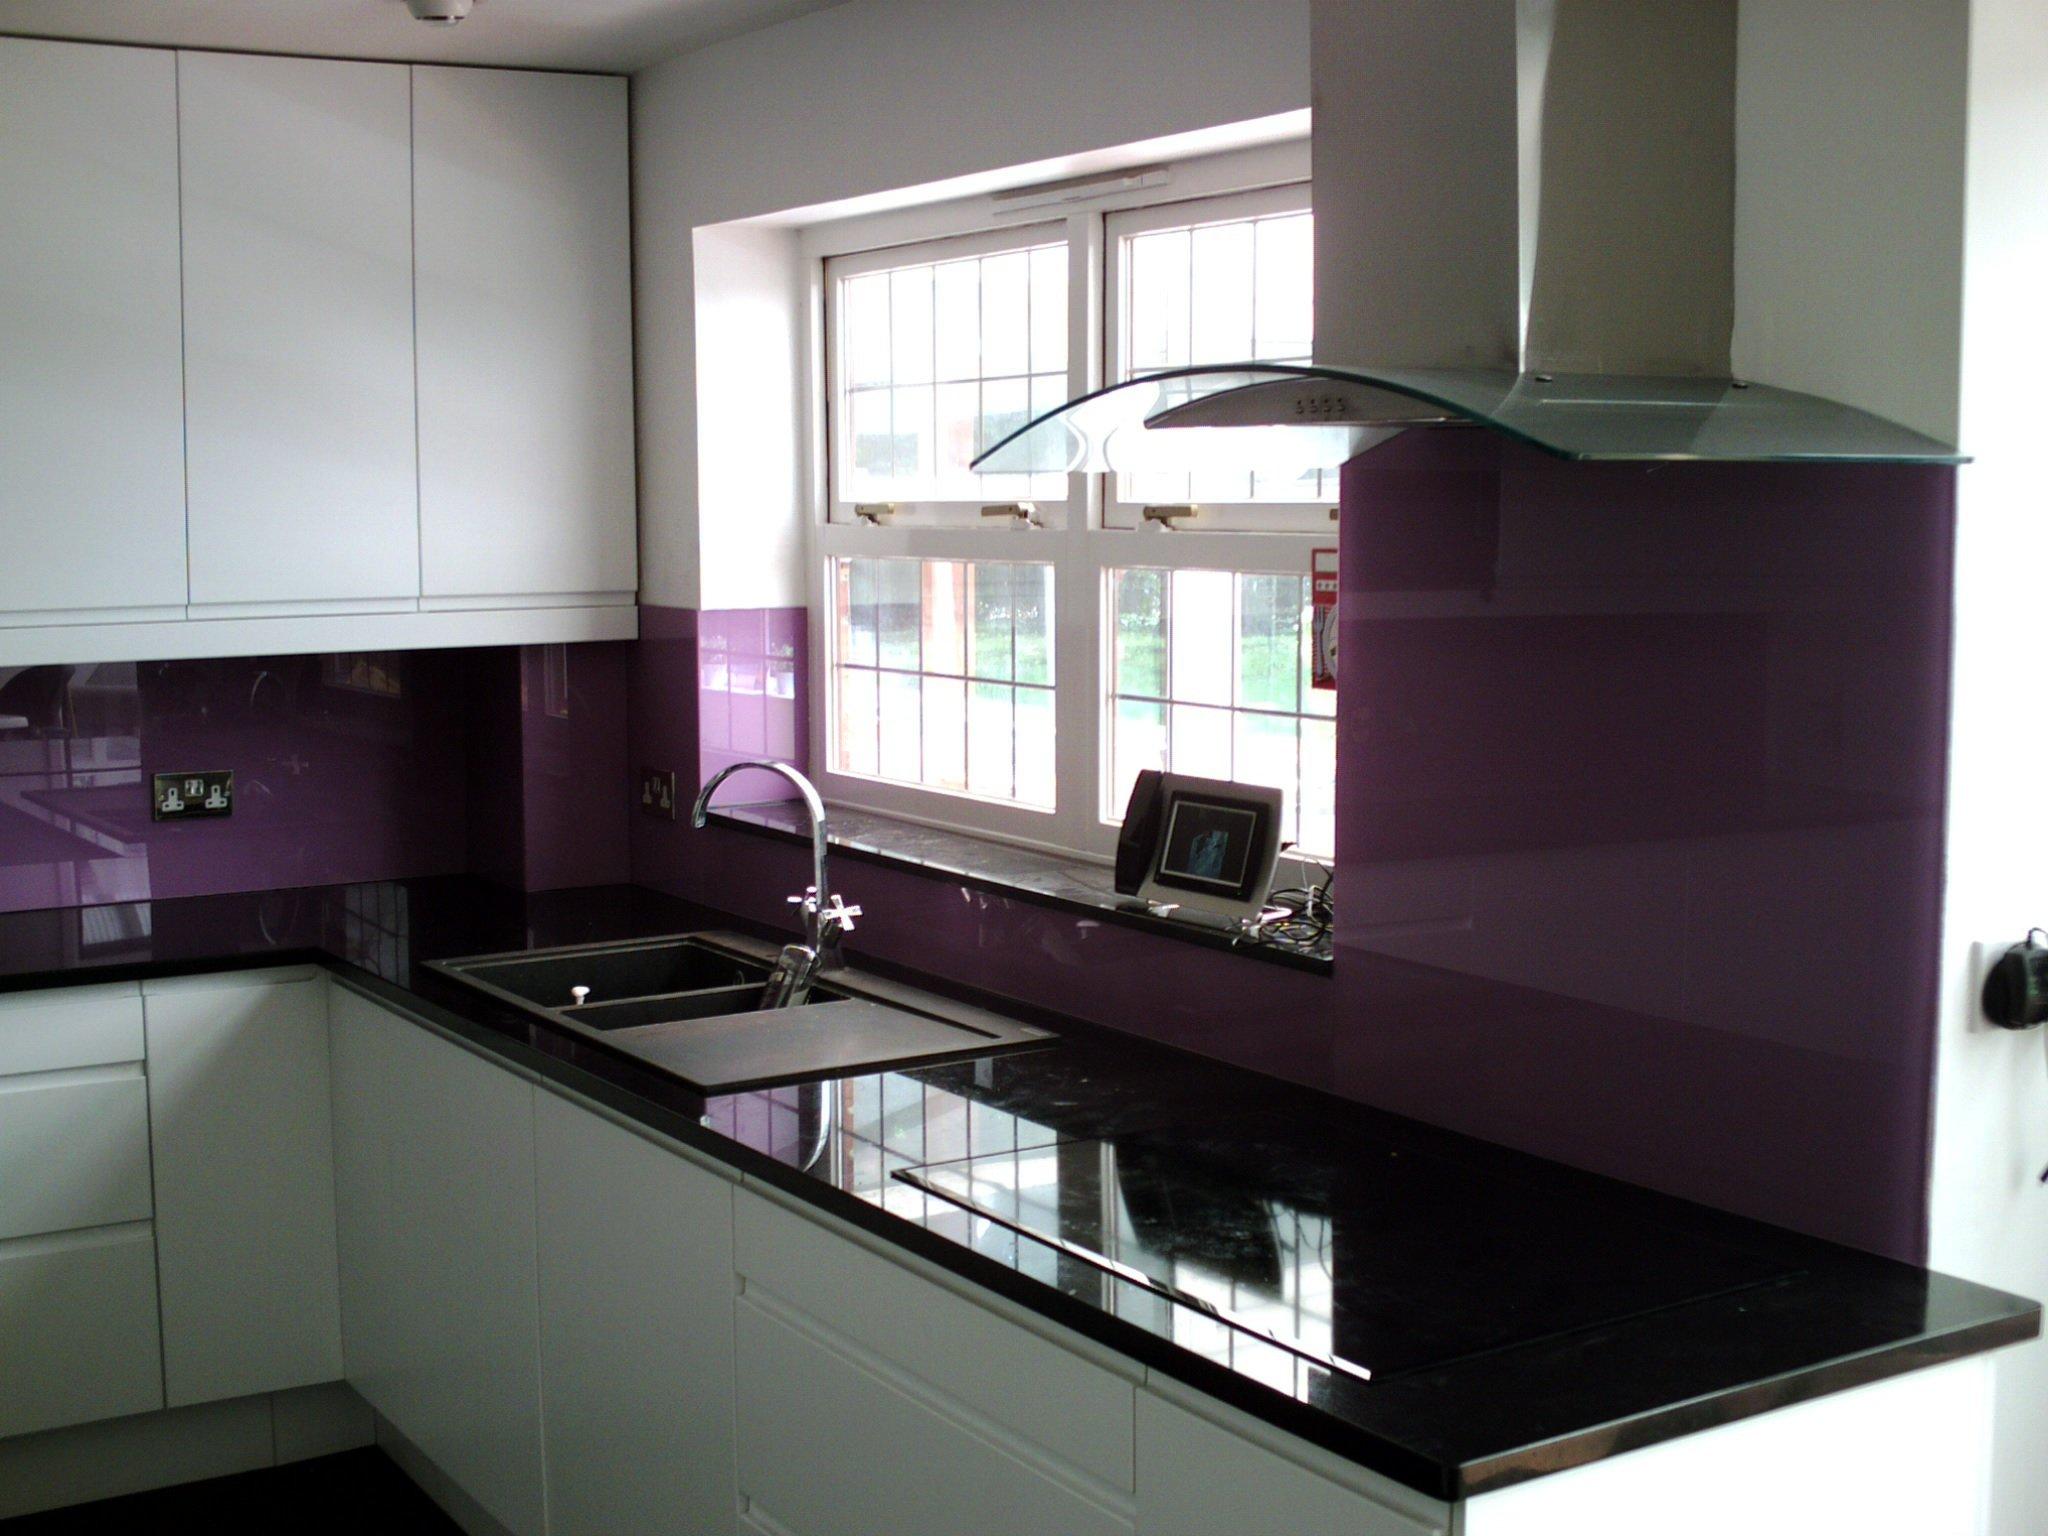 Kitchen worktop fitters